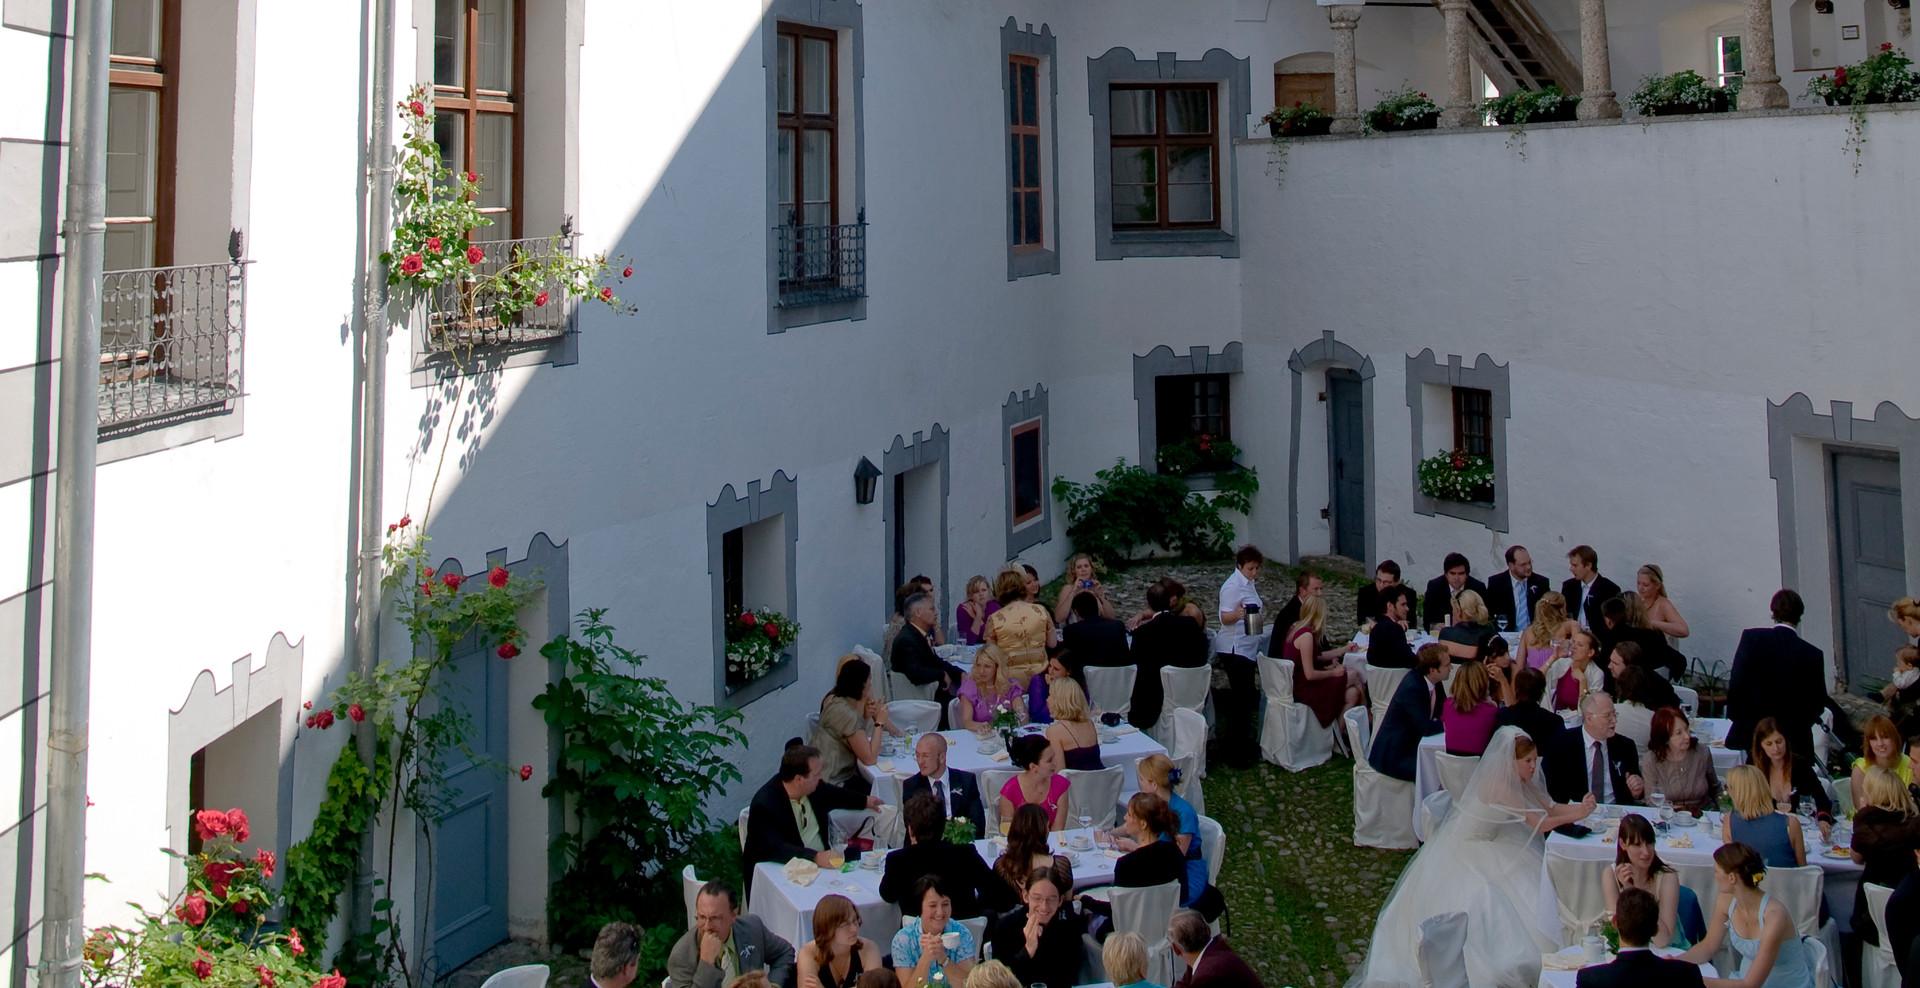 Anschließend bewirten Sie Ihre Lieben im Schlosshof mit Kaffee und Kuchen.